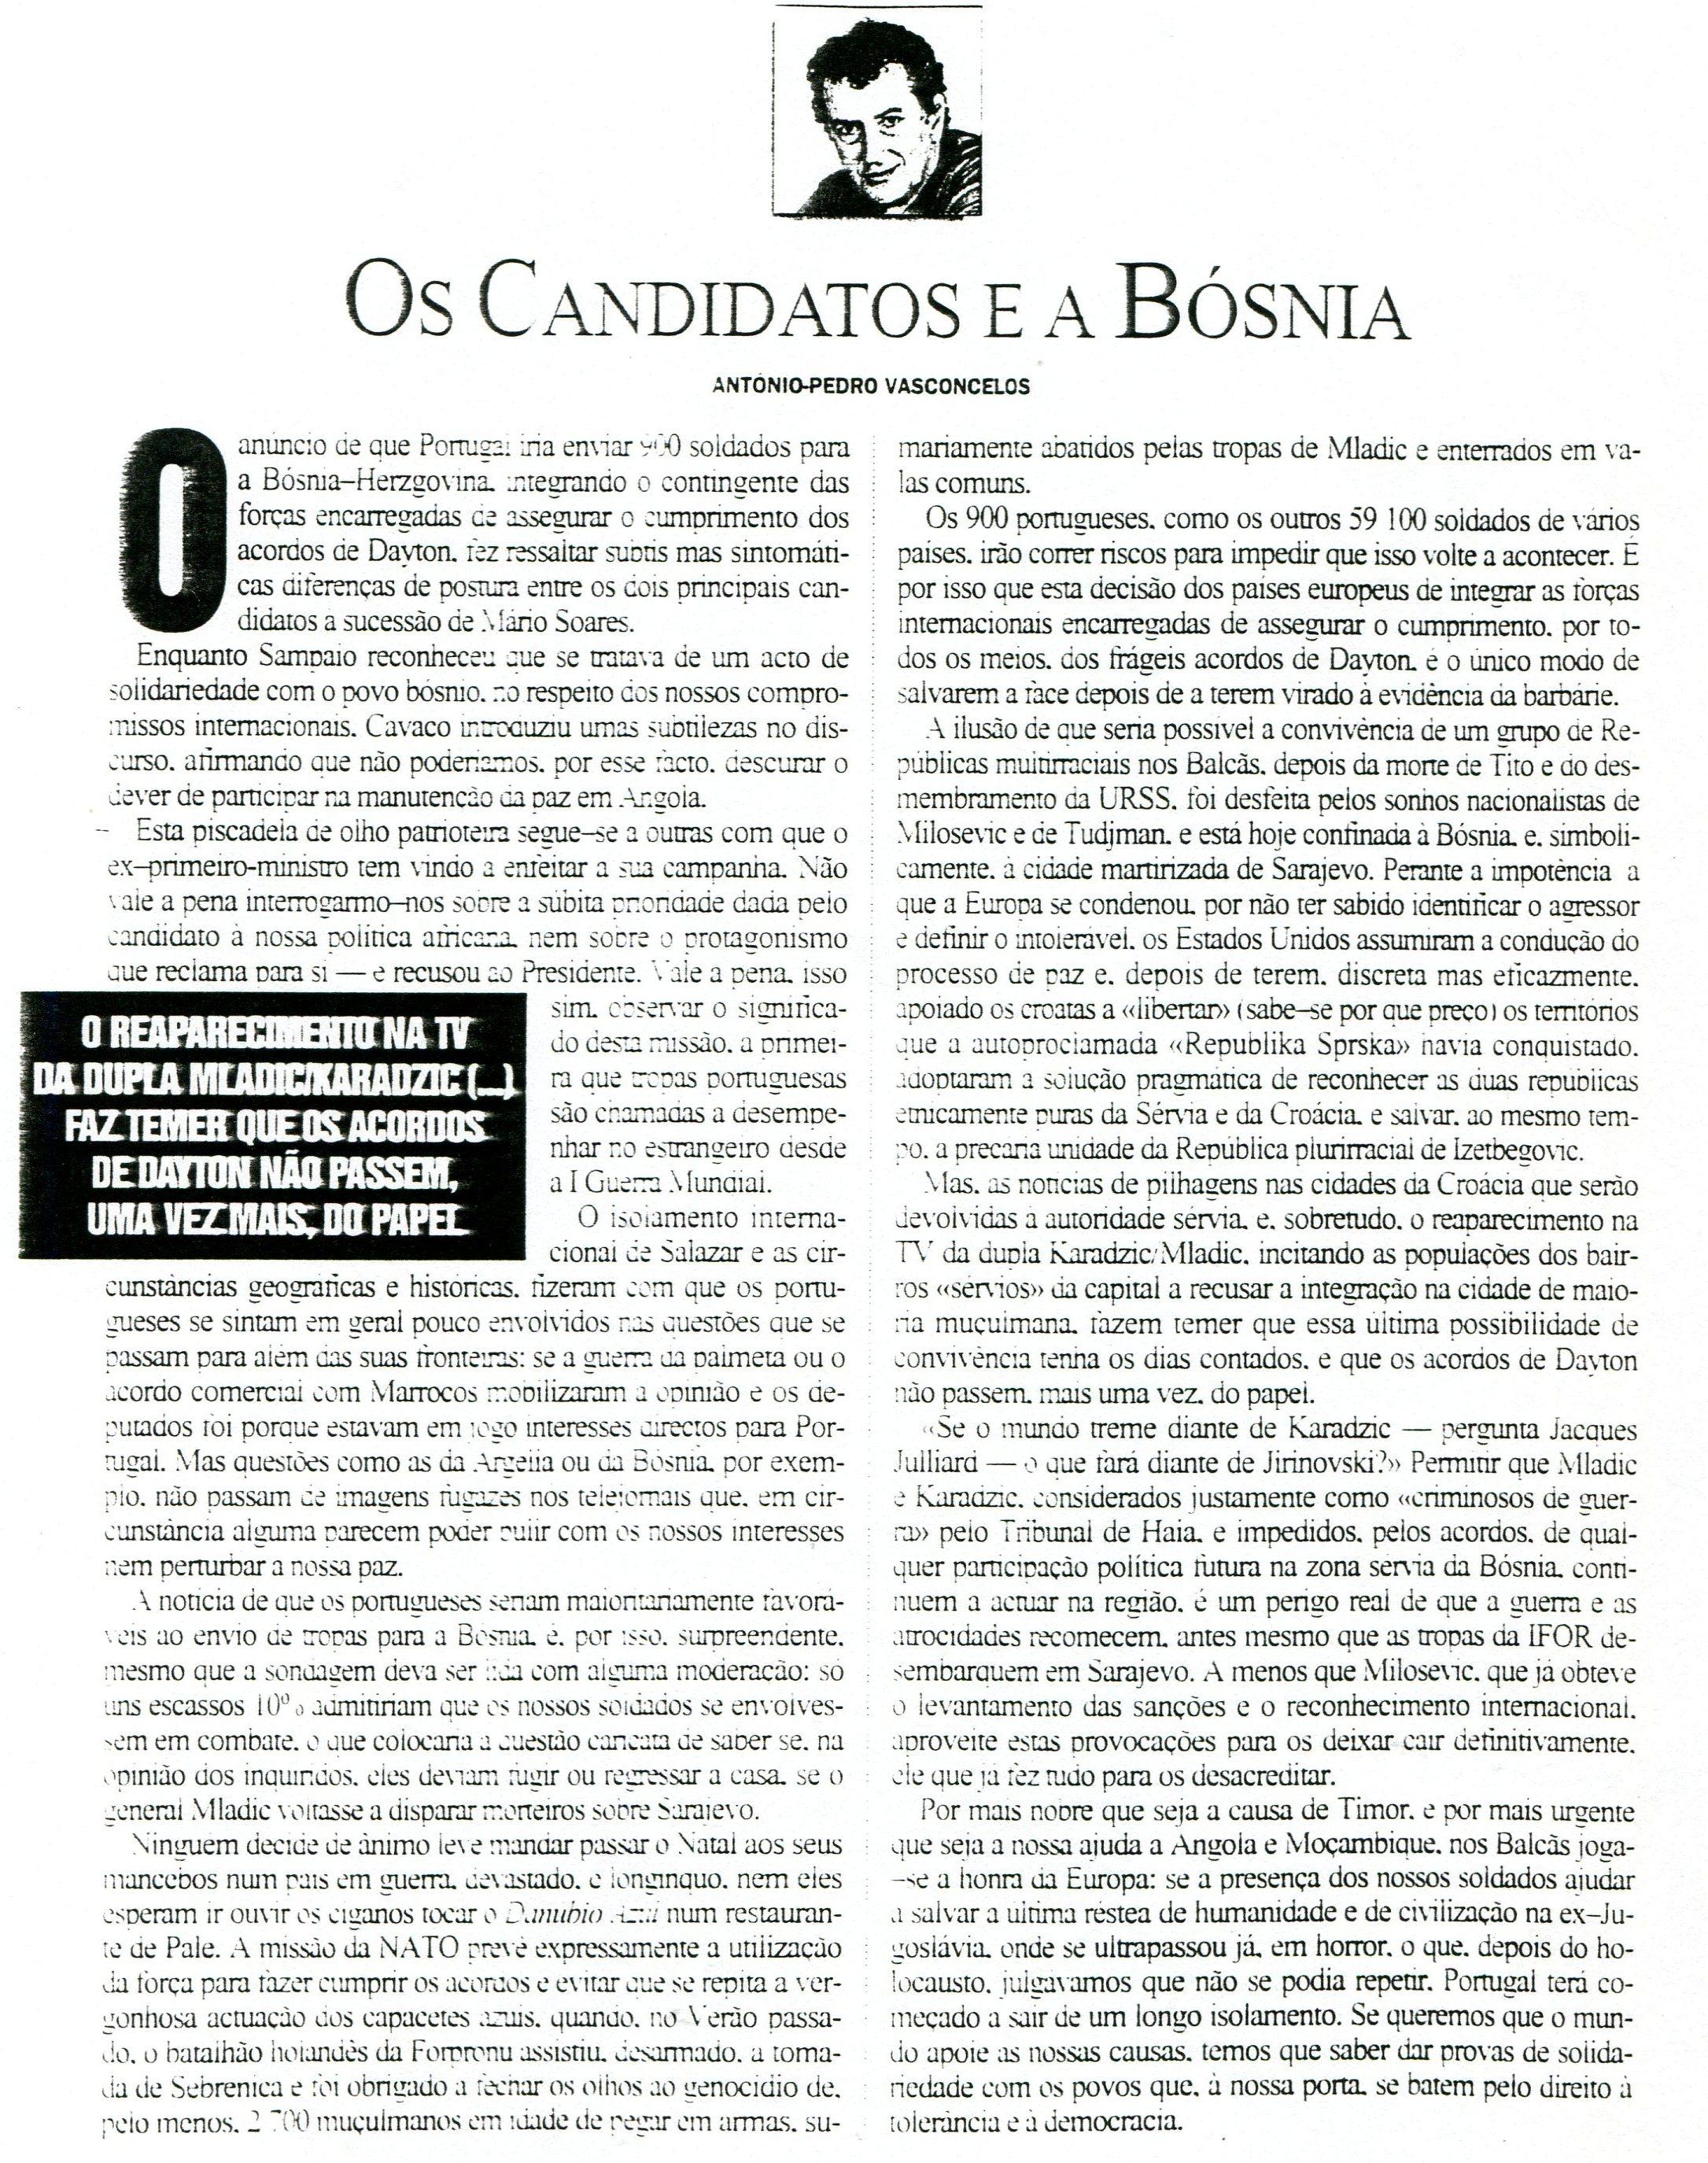 30NOV1995 - Visão